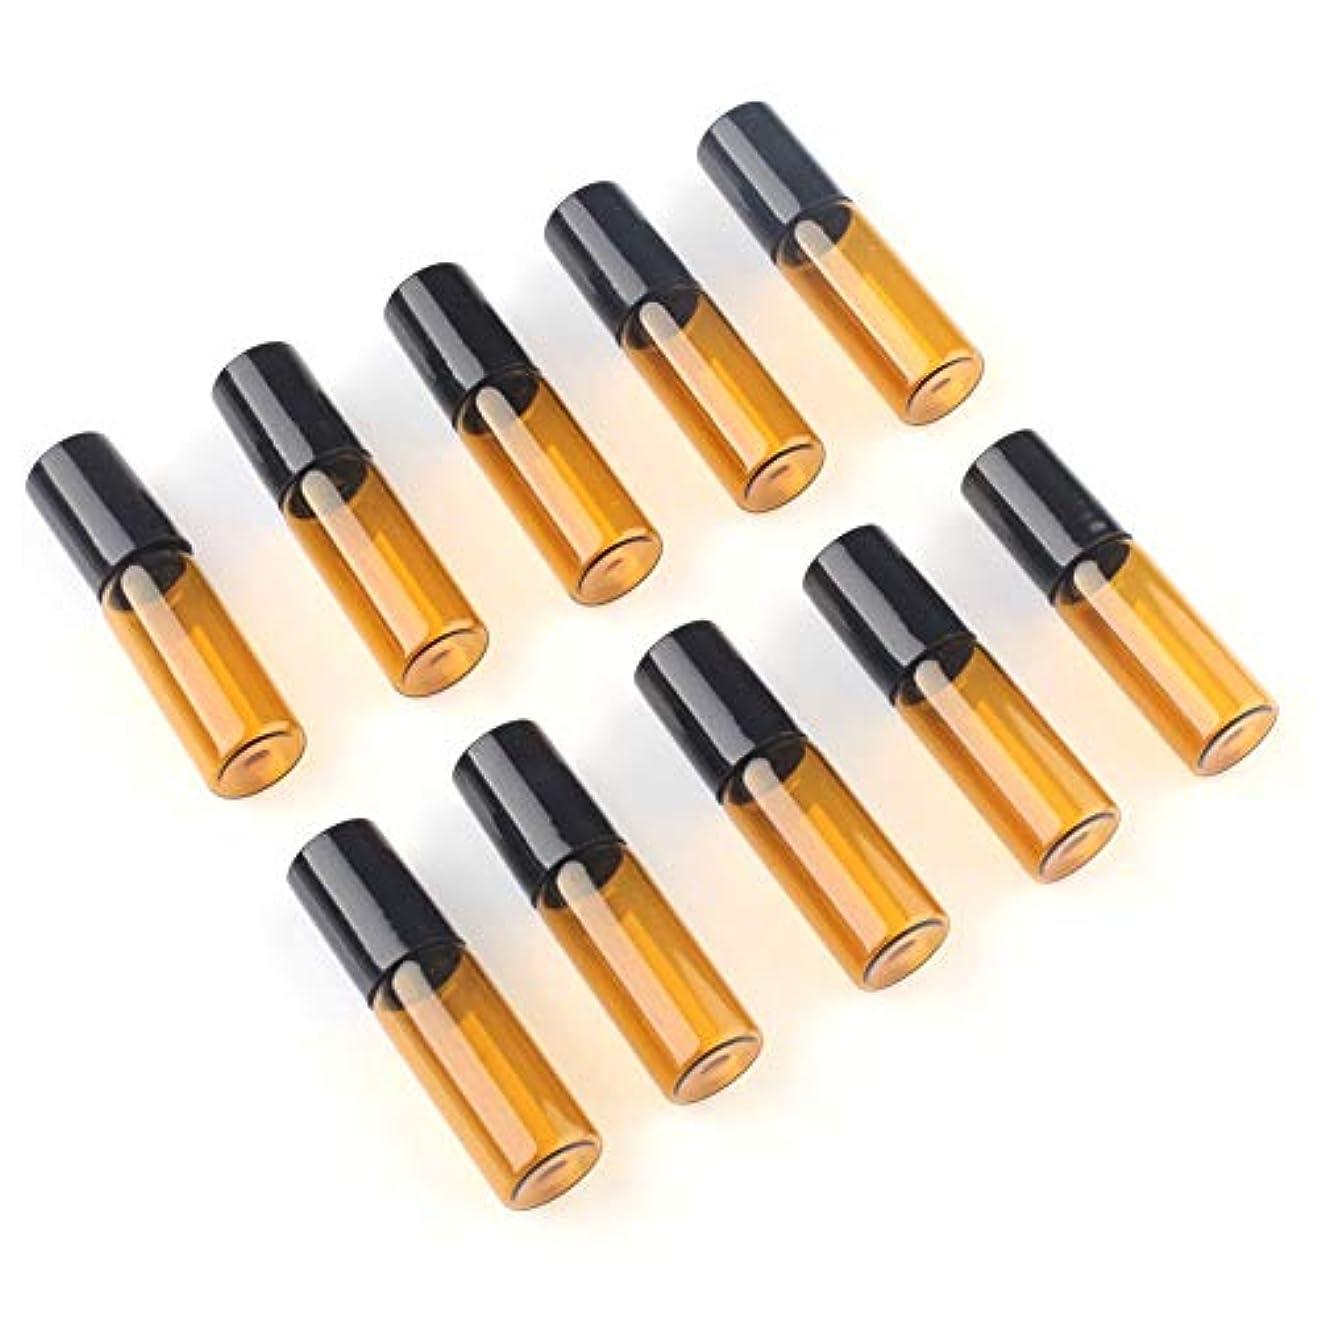 最初にどれにやにや10本セット 小分け用 遮光瓶 遮光ビン アロマオイル 精油ミニガラスアロマボトル エッセンシャルオイル用容器 スチールボールタイプ